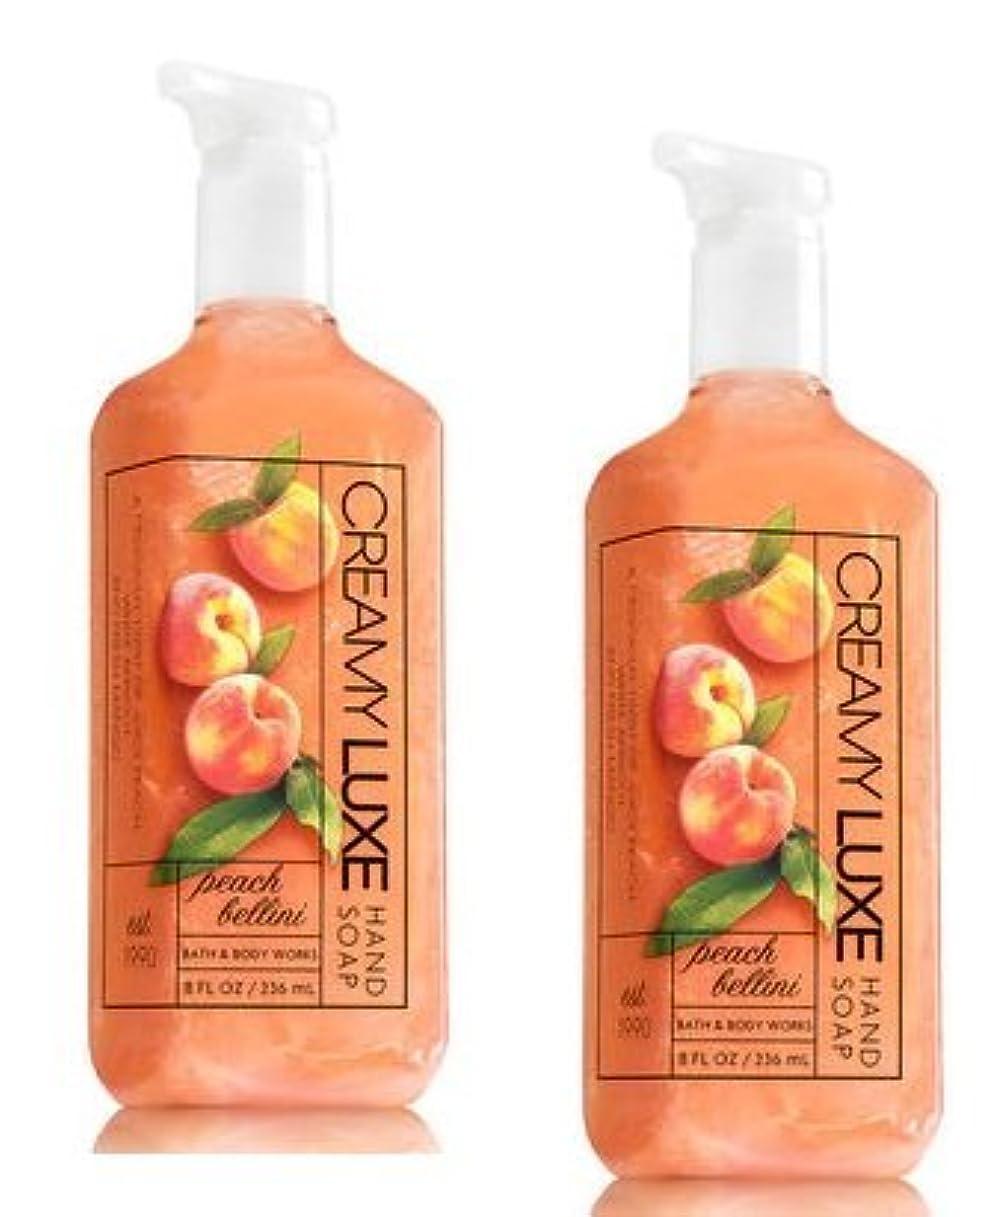 アジテーションシーンカナダBath & Body Works ピーチベリーニ クリーミー リュクス ハンドソープ 2本セット PEACH BELLINI Creamy Luxe Hand Soap. 8 oz 236ml [並行輸入品]